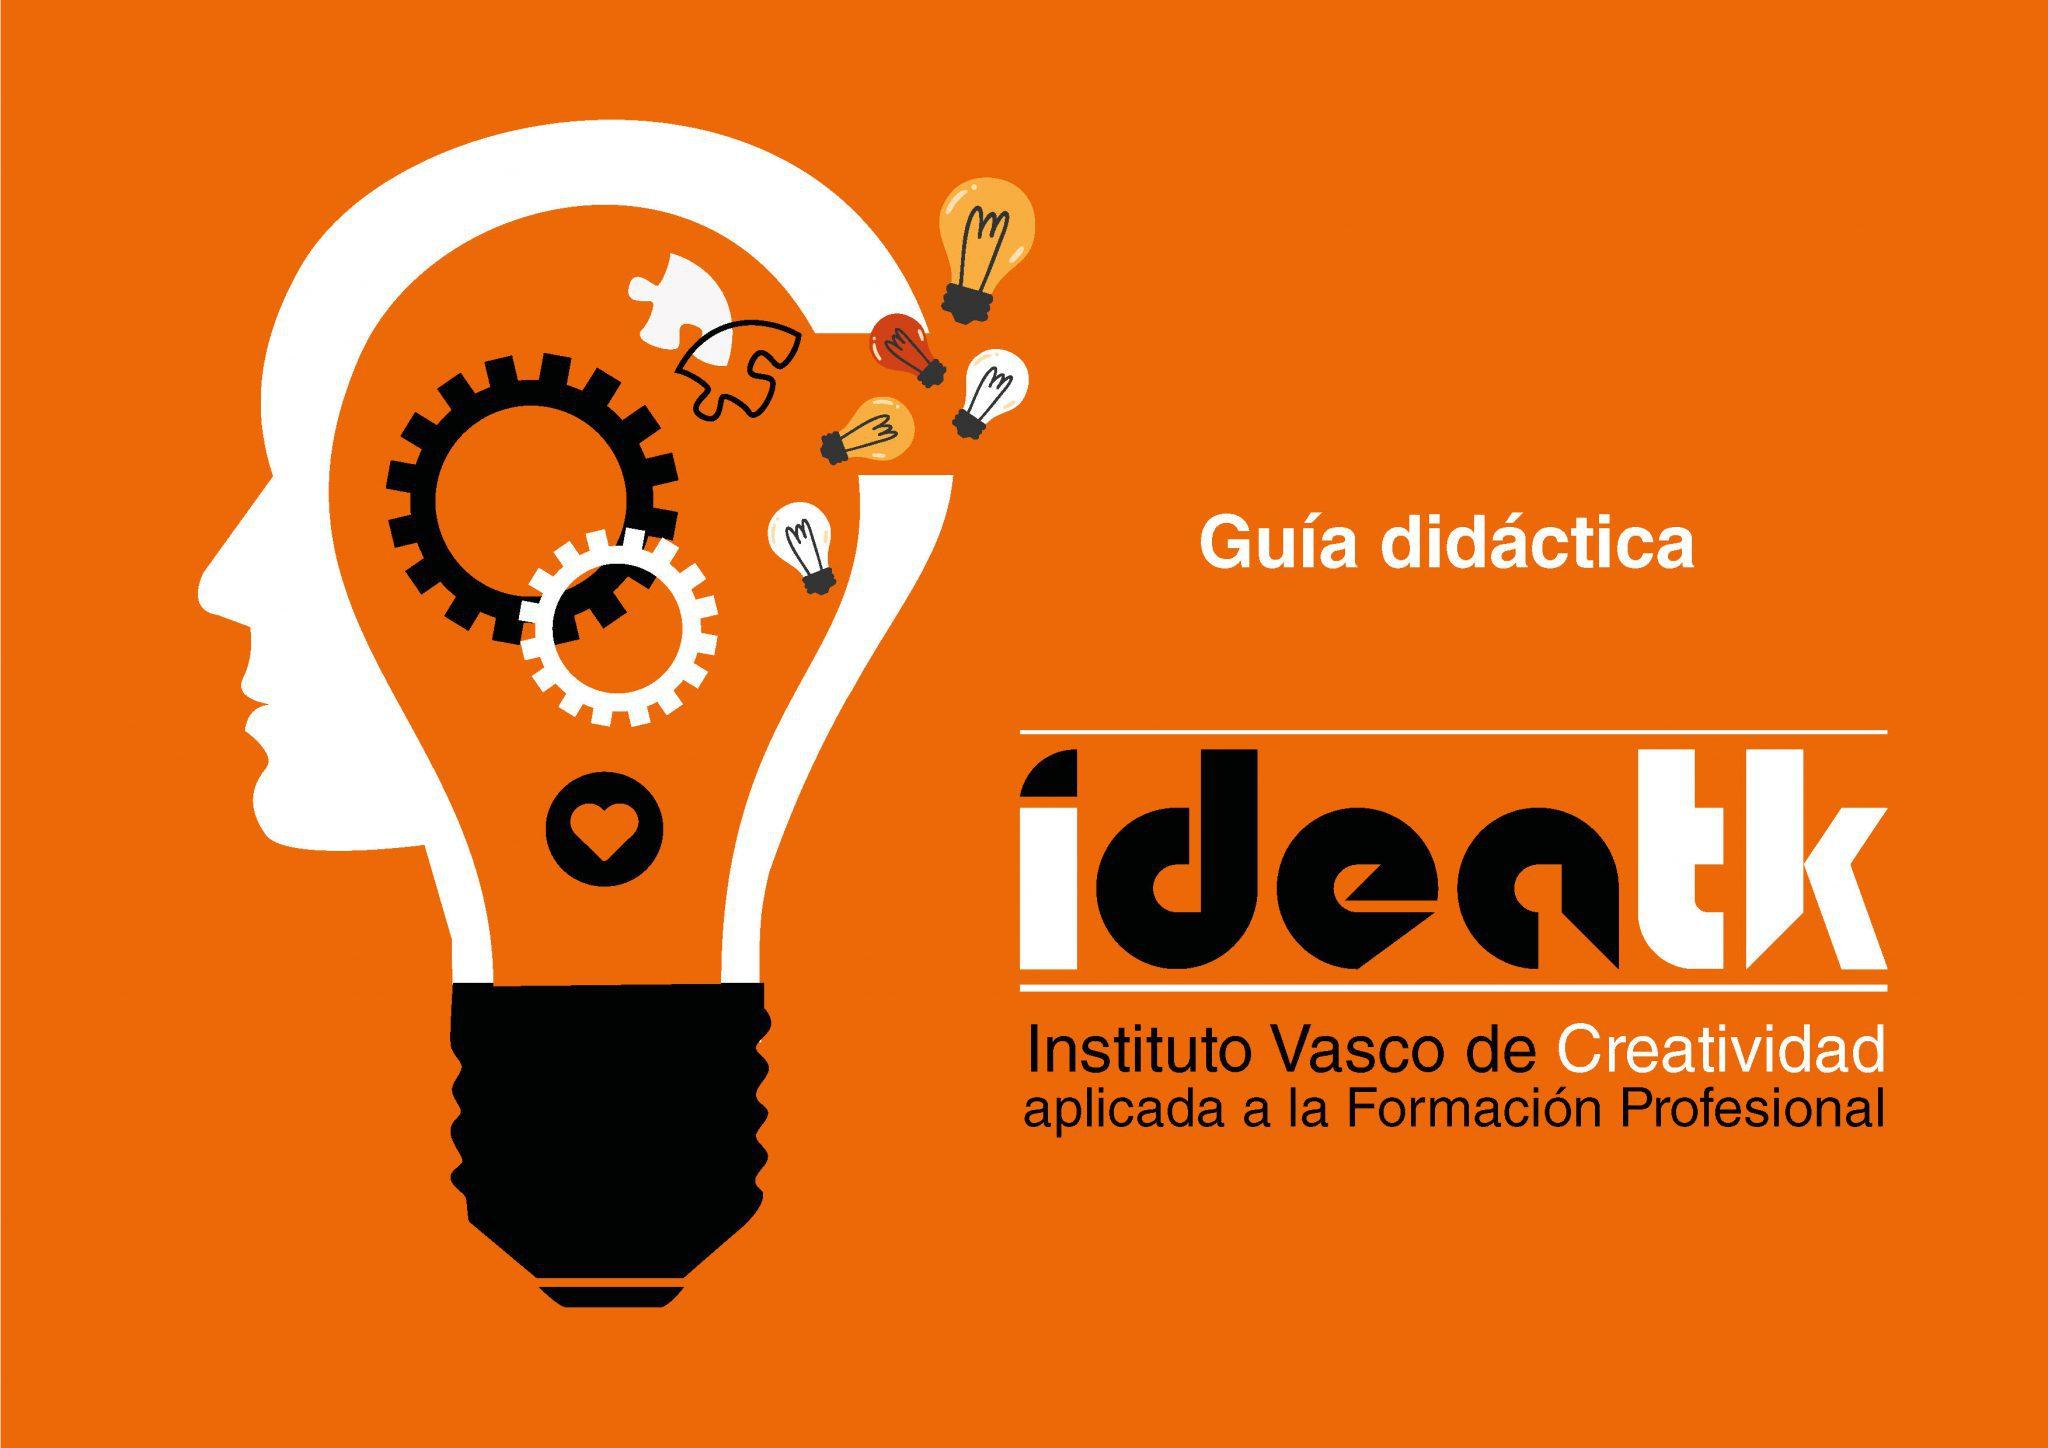 GUIA IDEATK